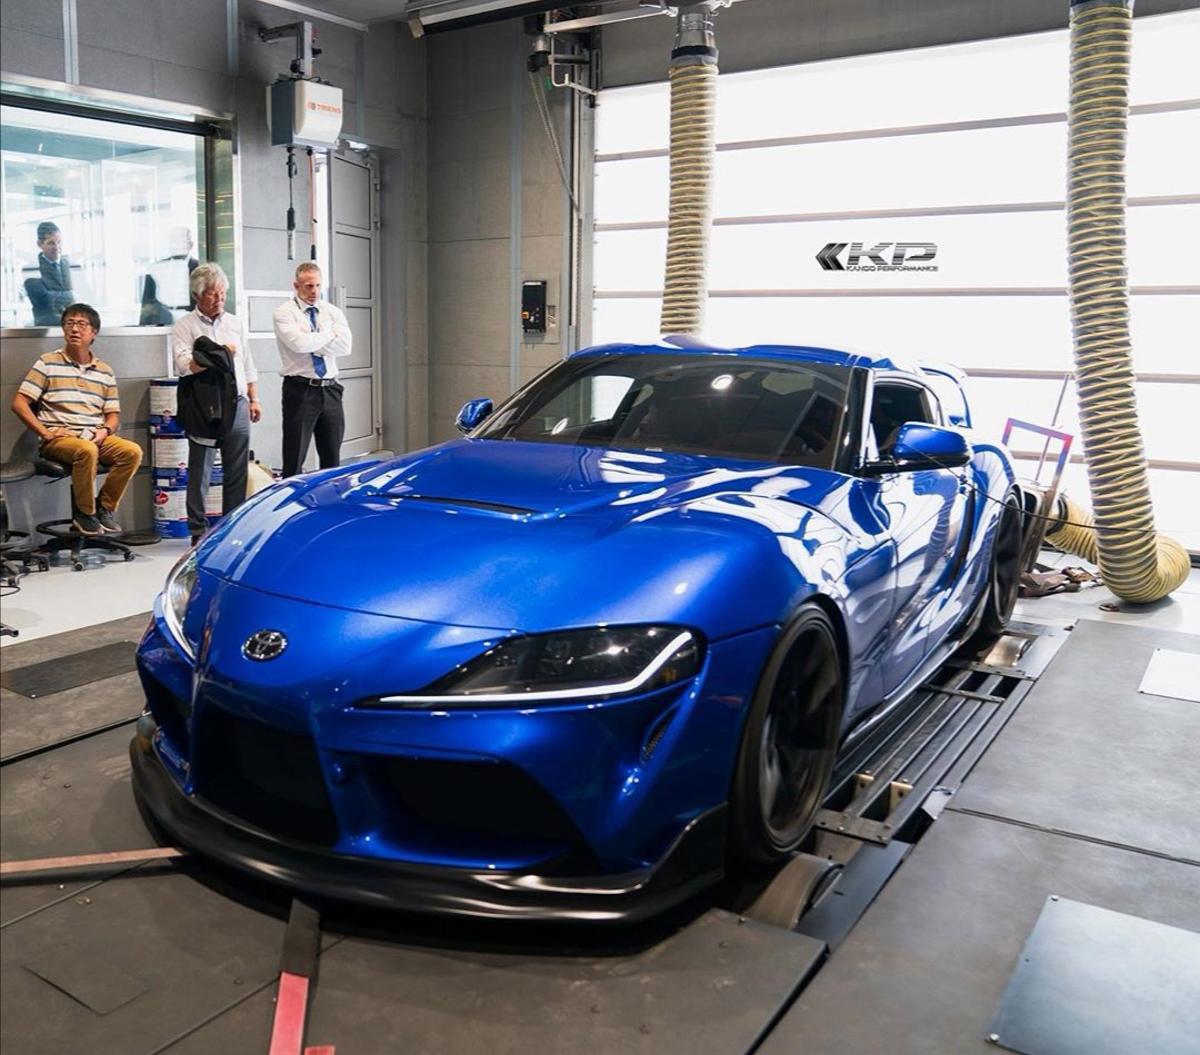 Toyota Supra A90 Ekanoo Racing Body Kit 炫酷登场,向前辈致敬